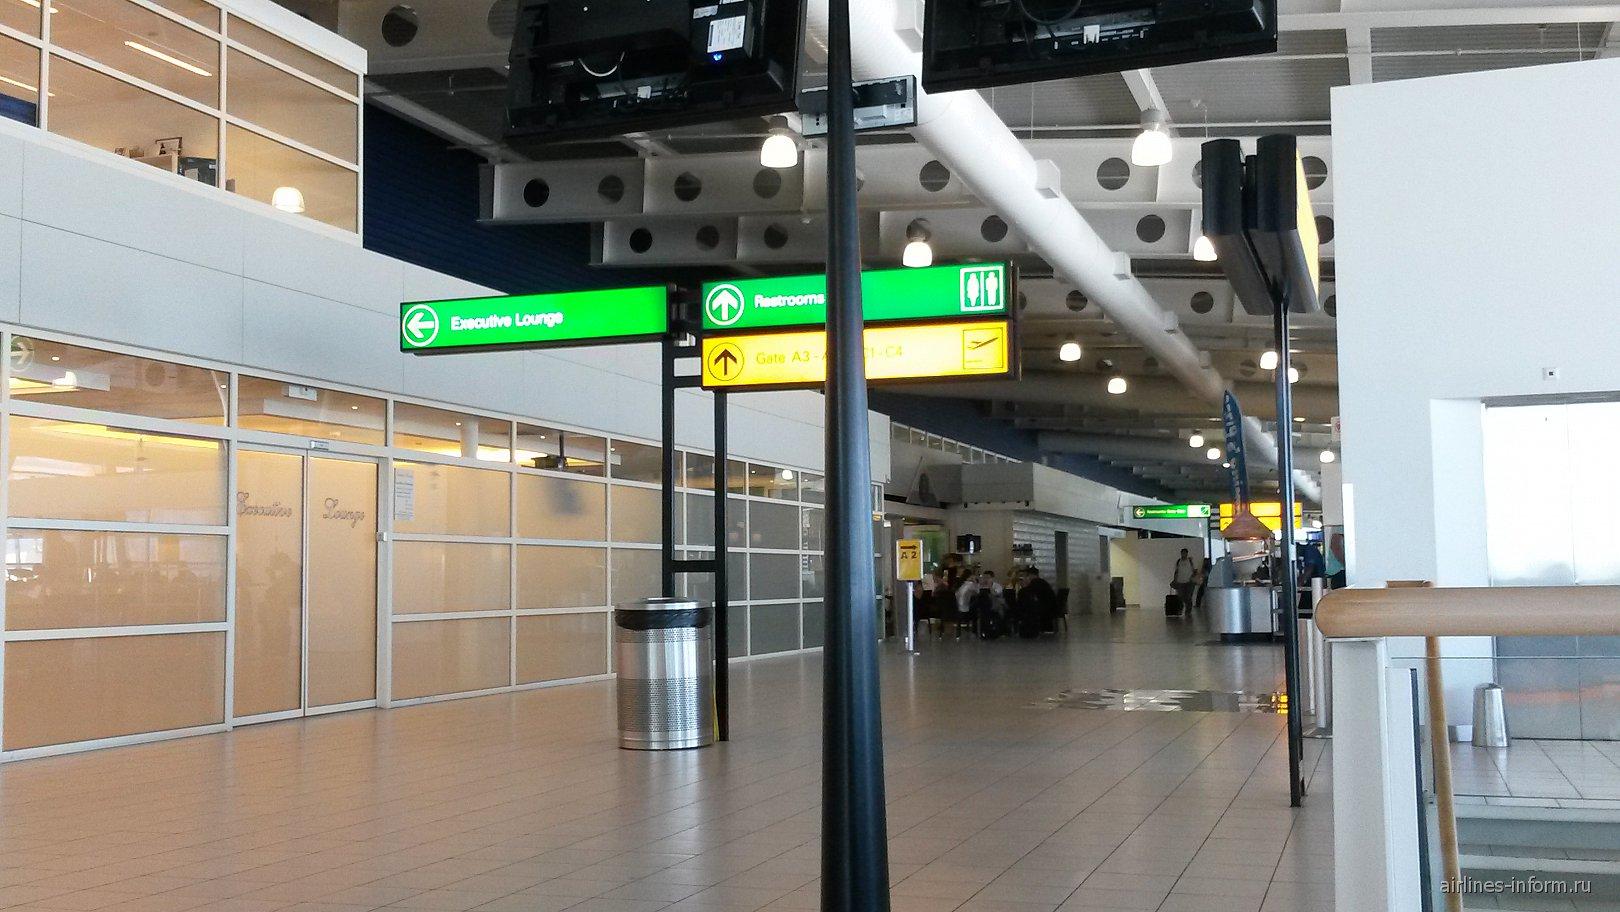 Вход в зал повышенной комфортности в чистой зоне аэропорта Сен-Мартен